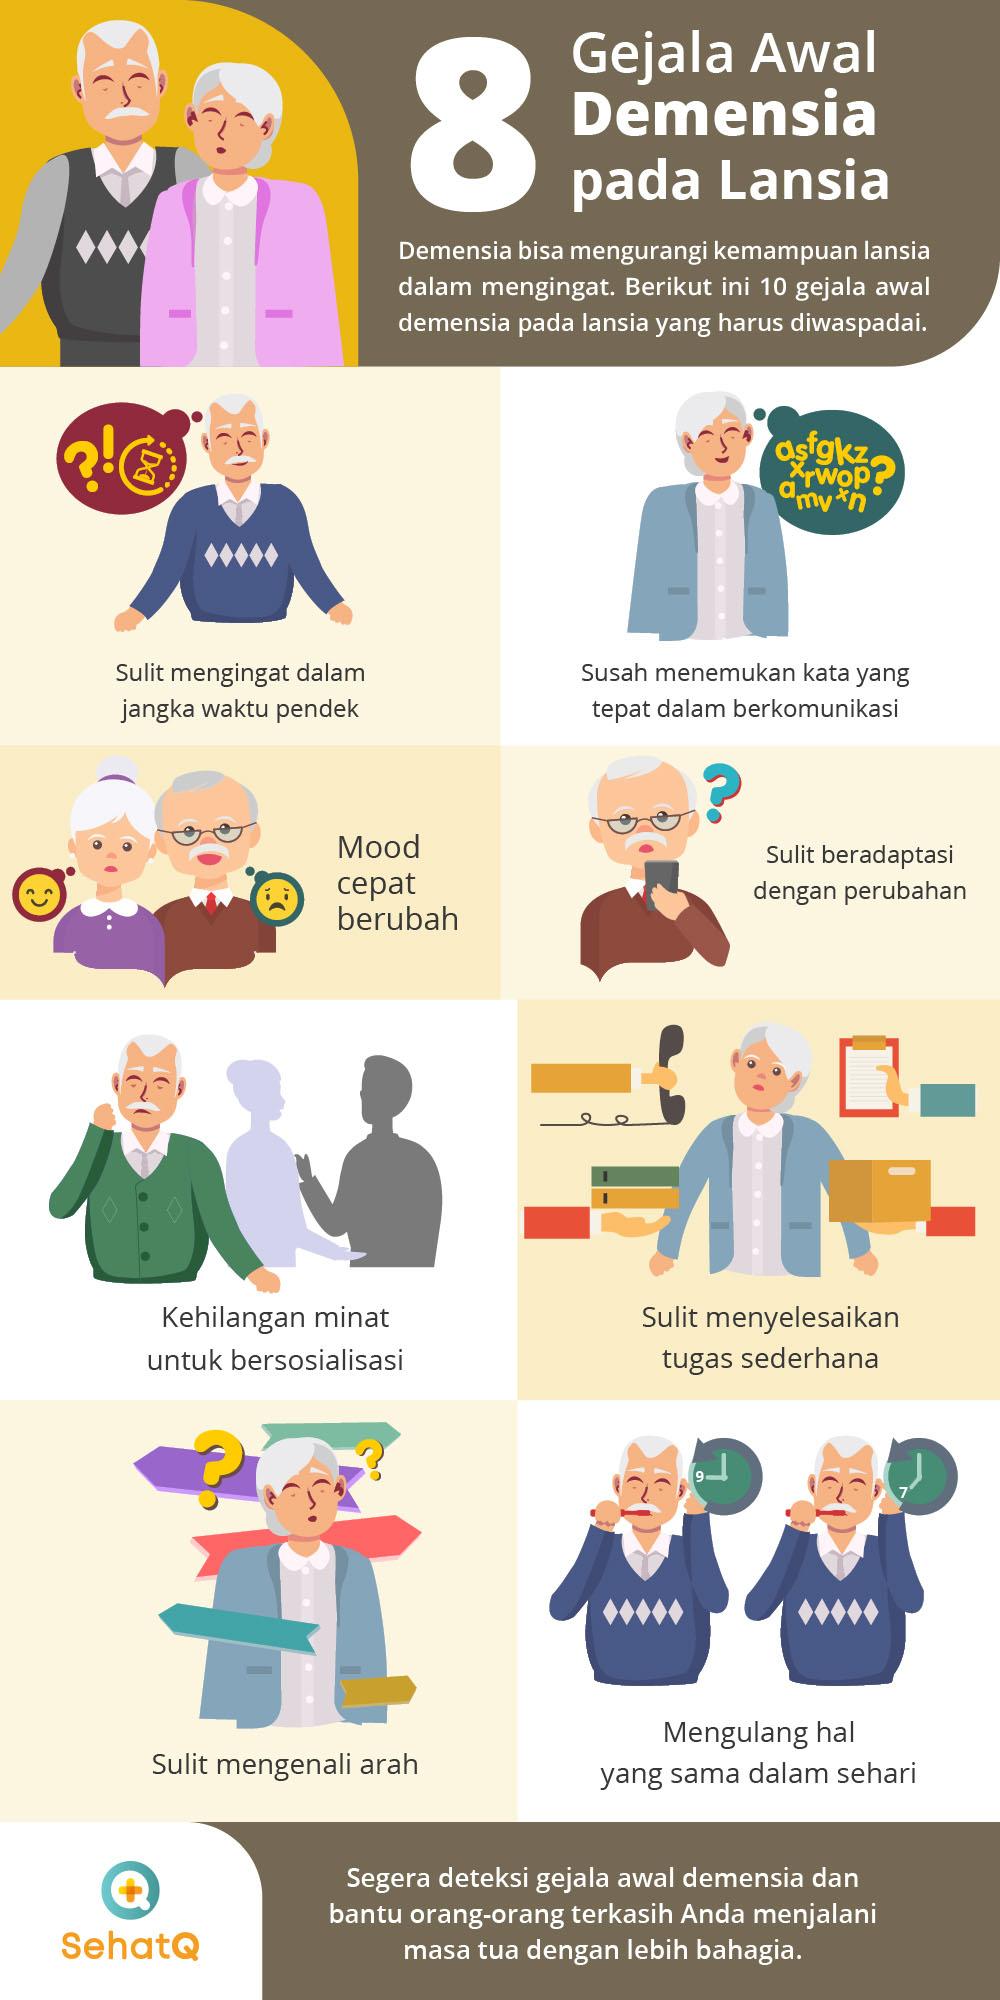 gejala awal demensia